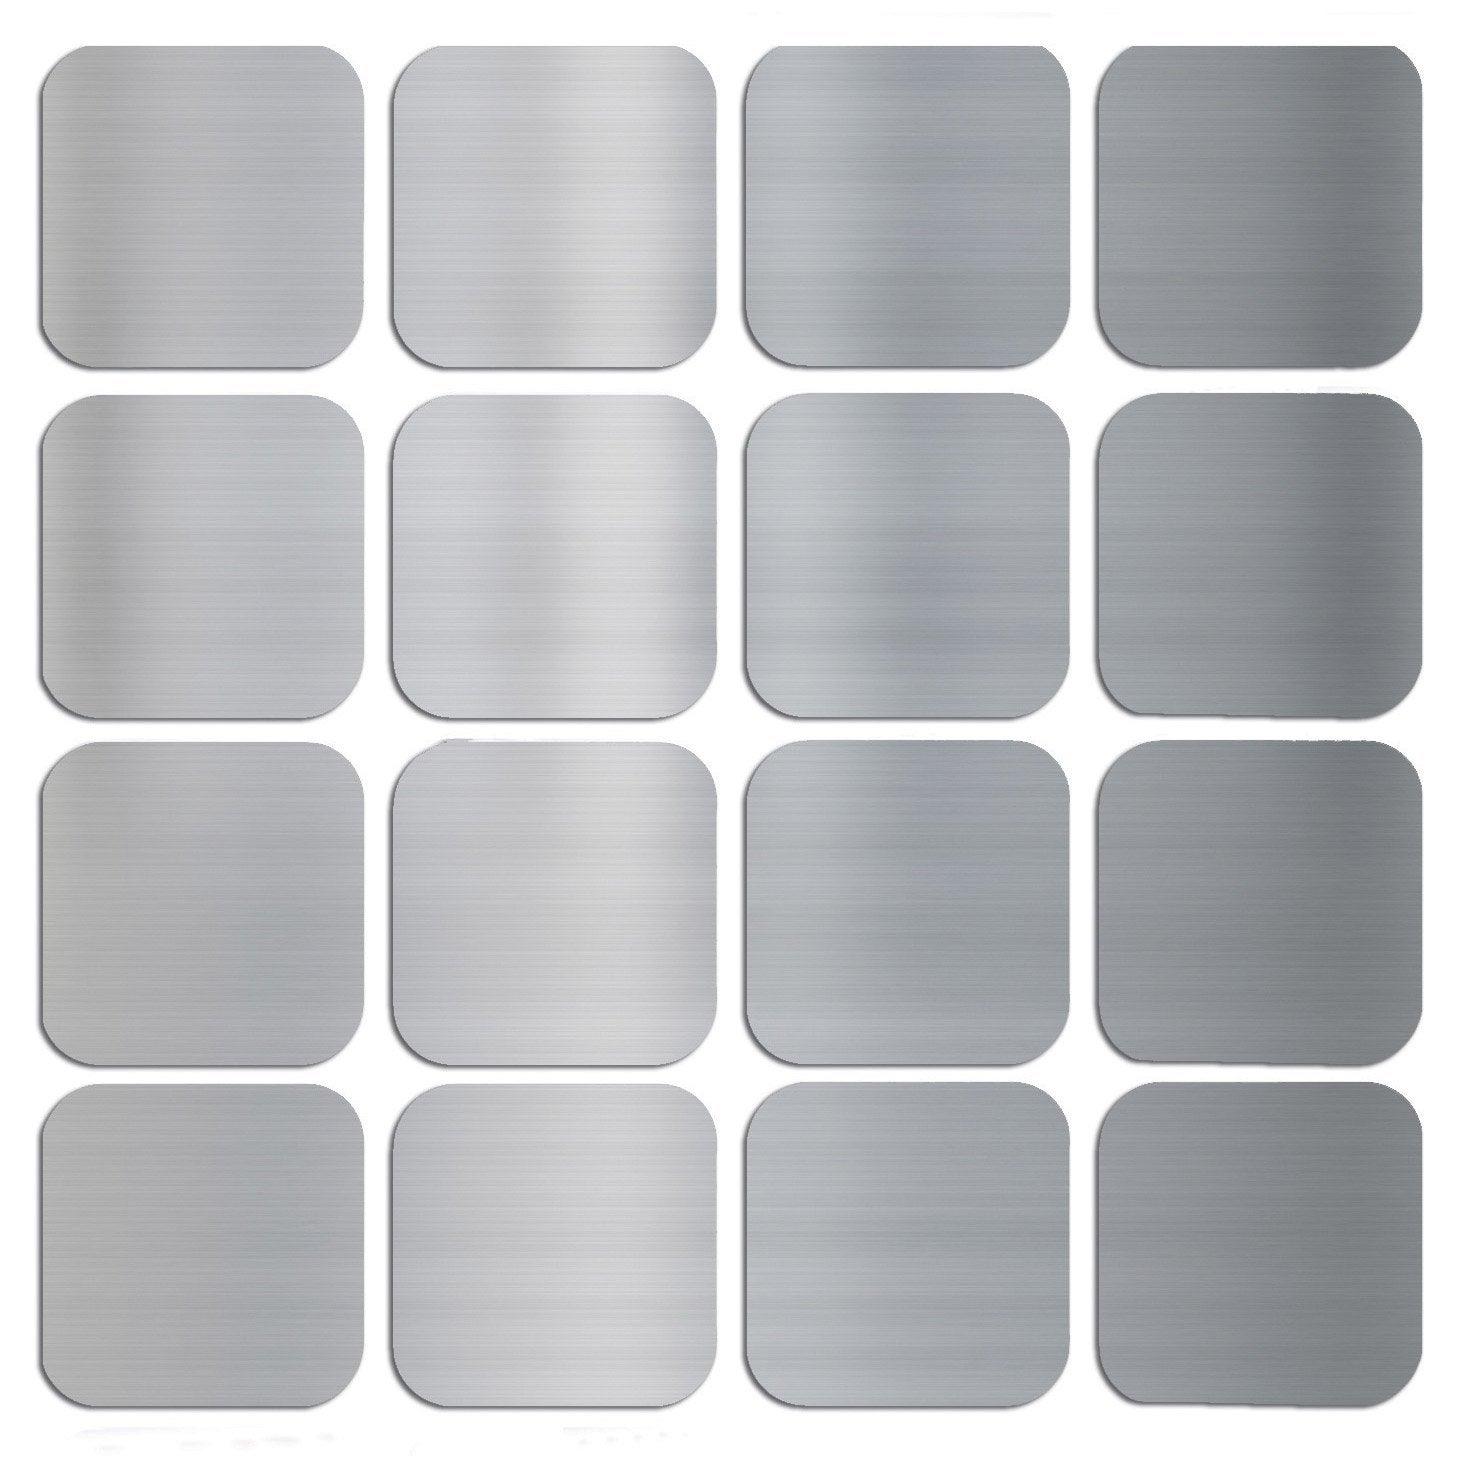 2 stickers pixels 15x15 cm leroy merlin. Black Bedroom Furniture Sets. Home Design Ideas